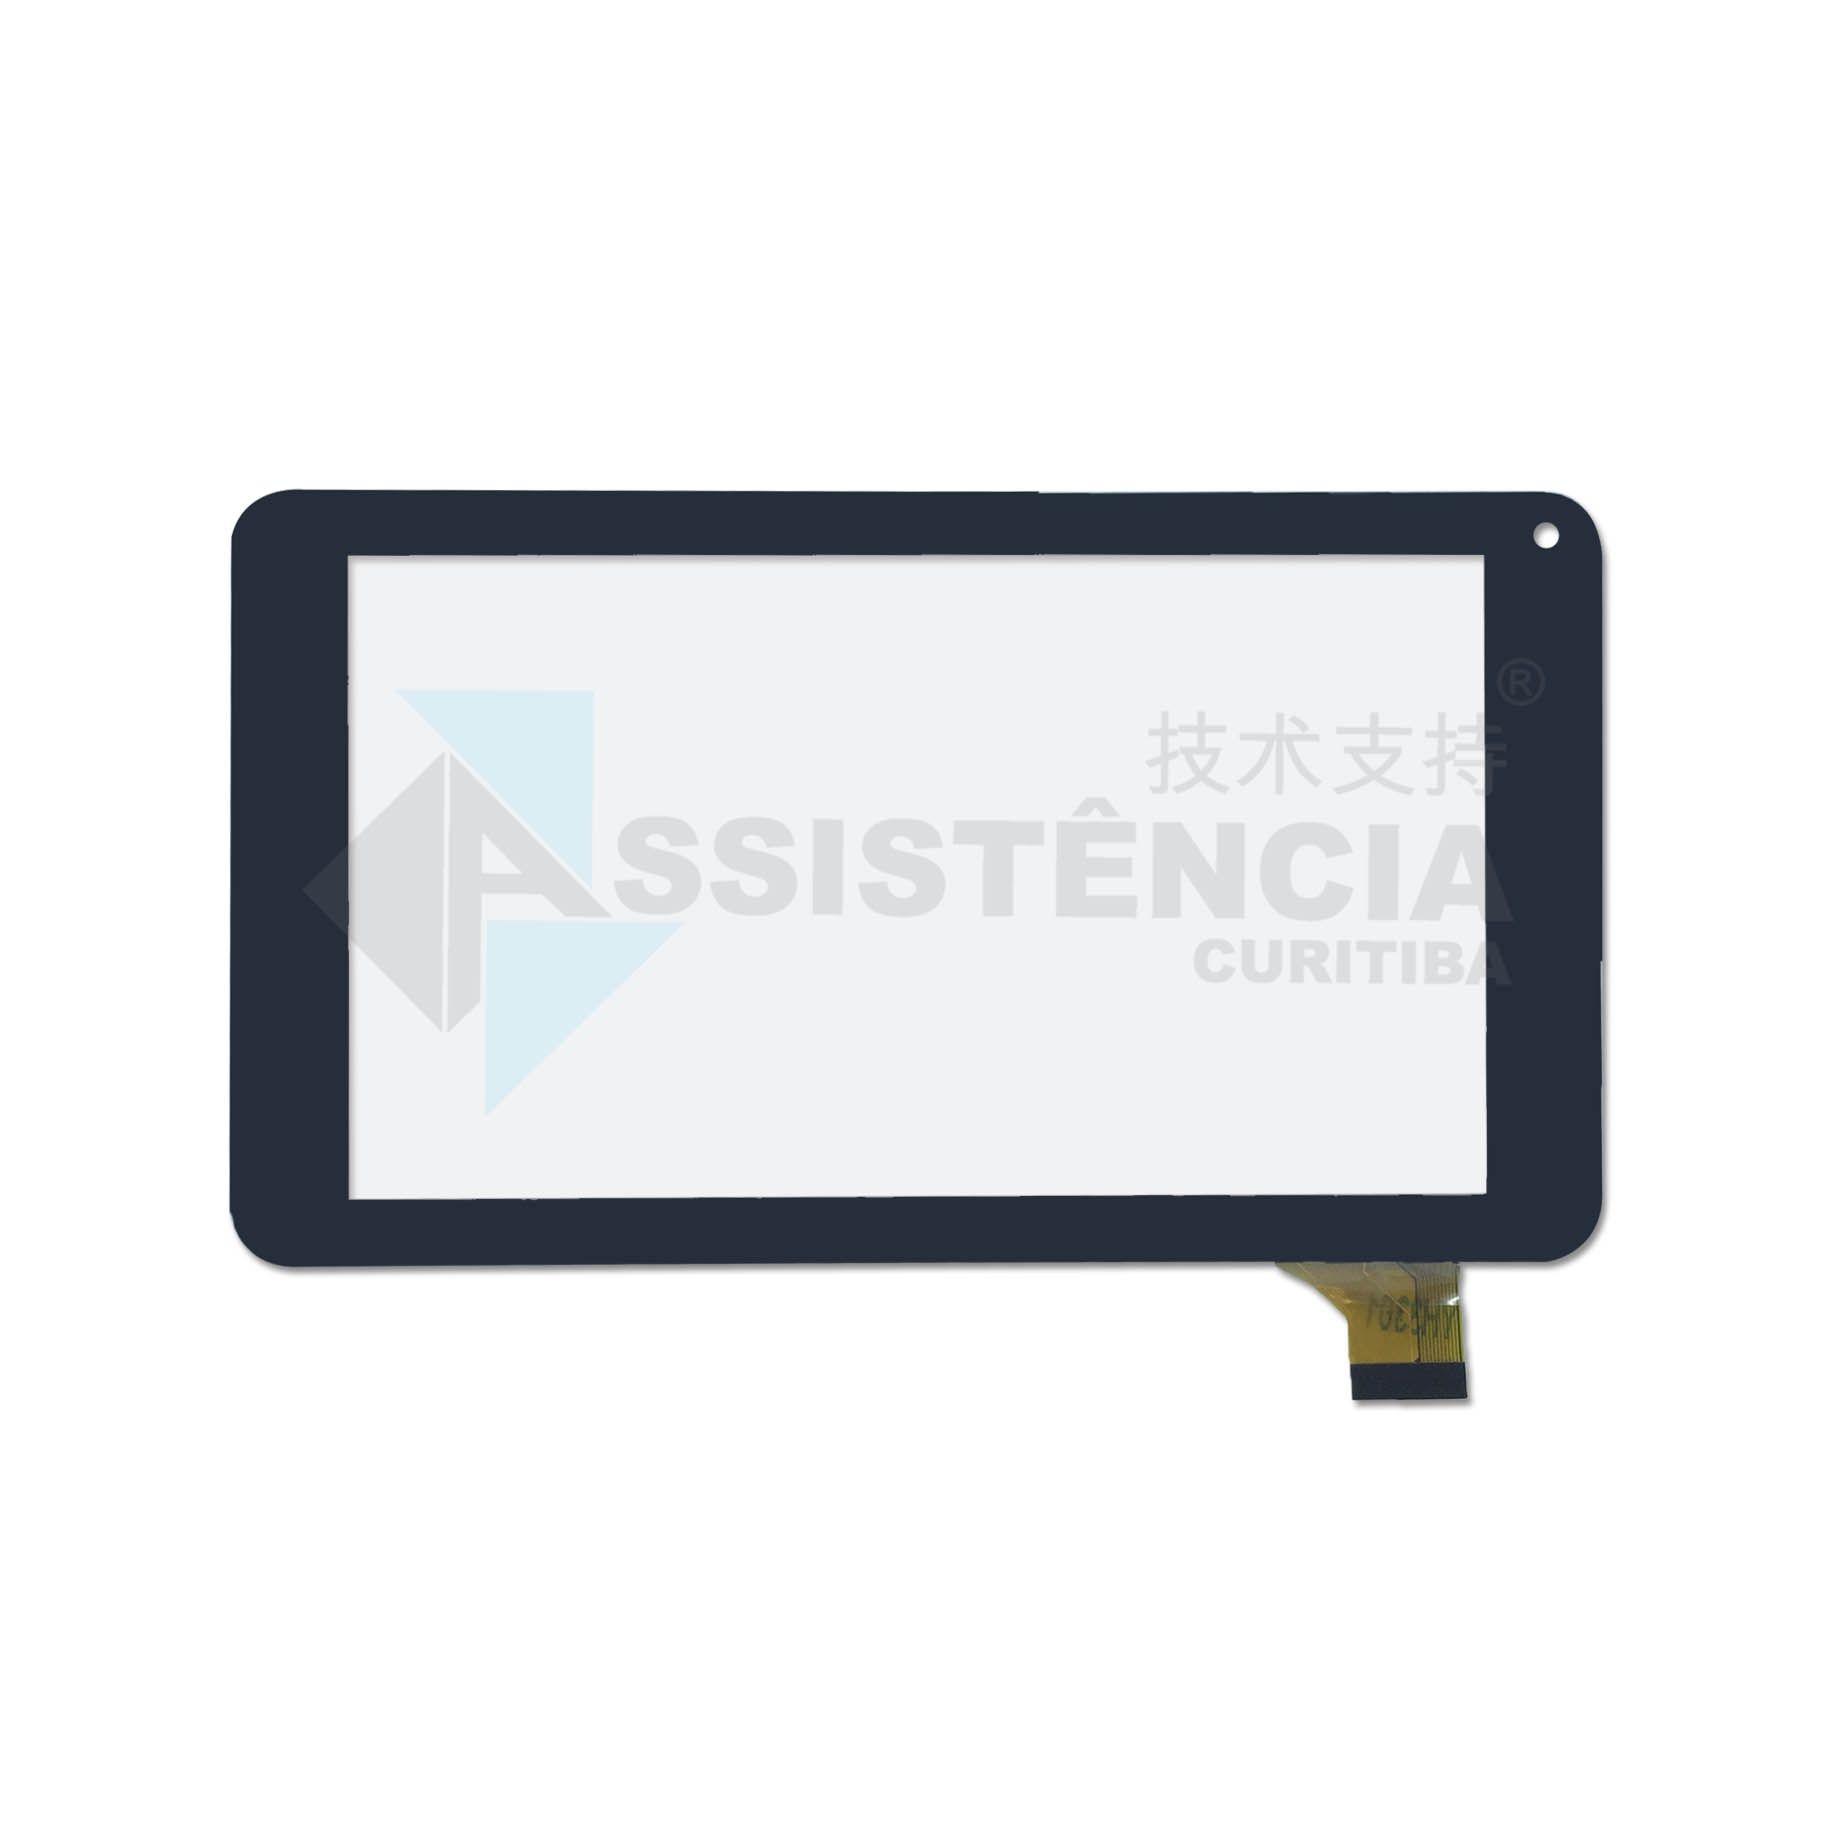 Tela Touch Aoc S70G12 Preto